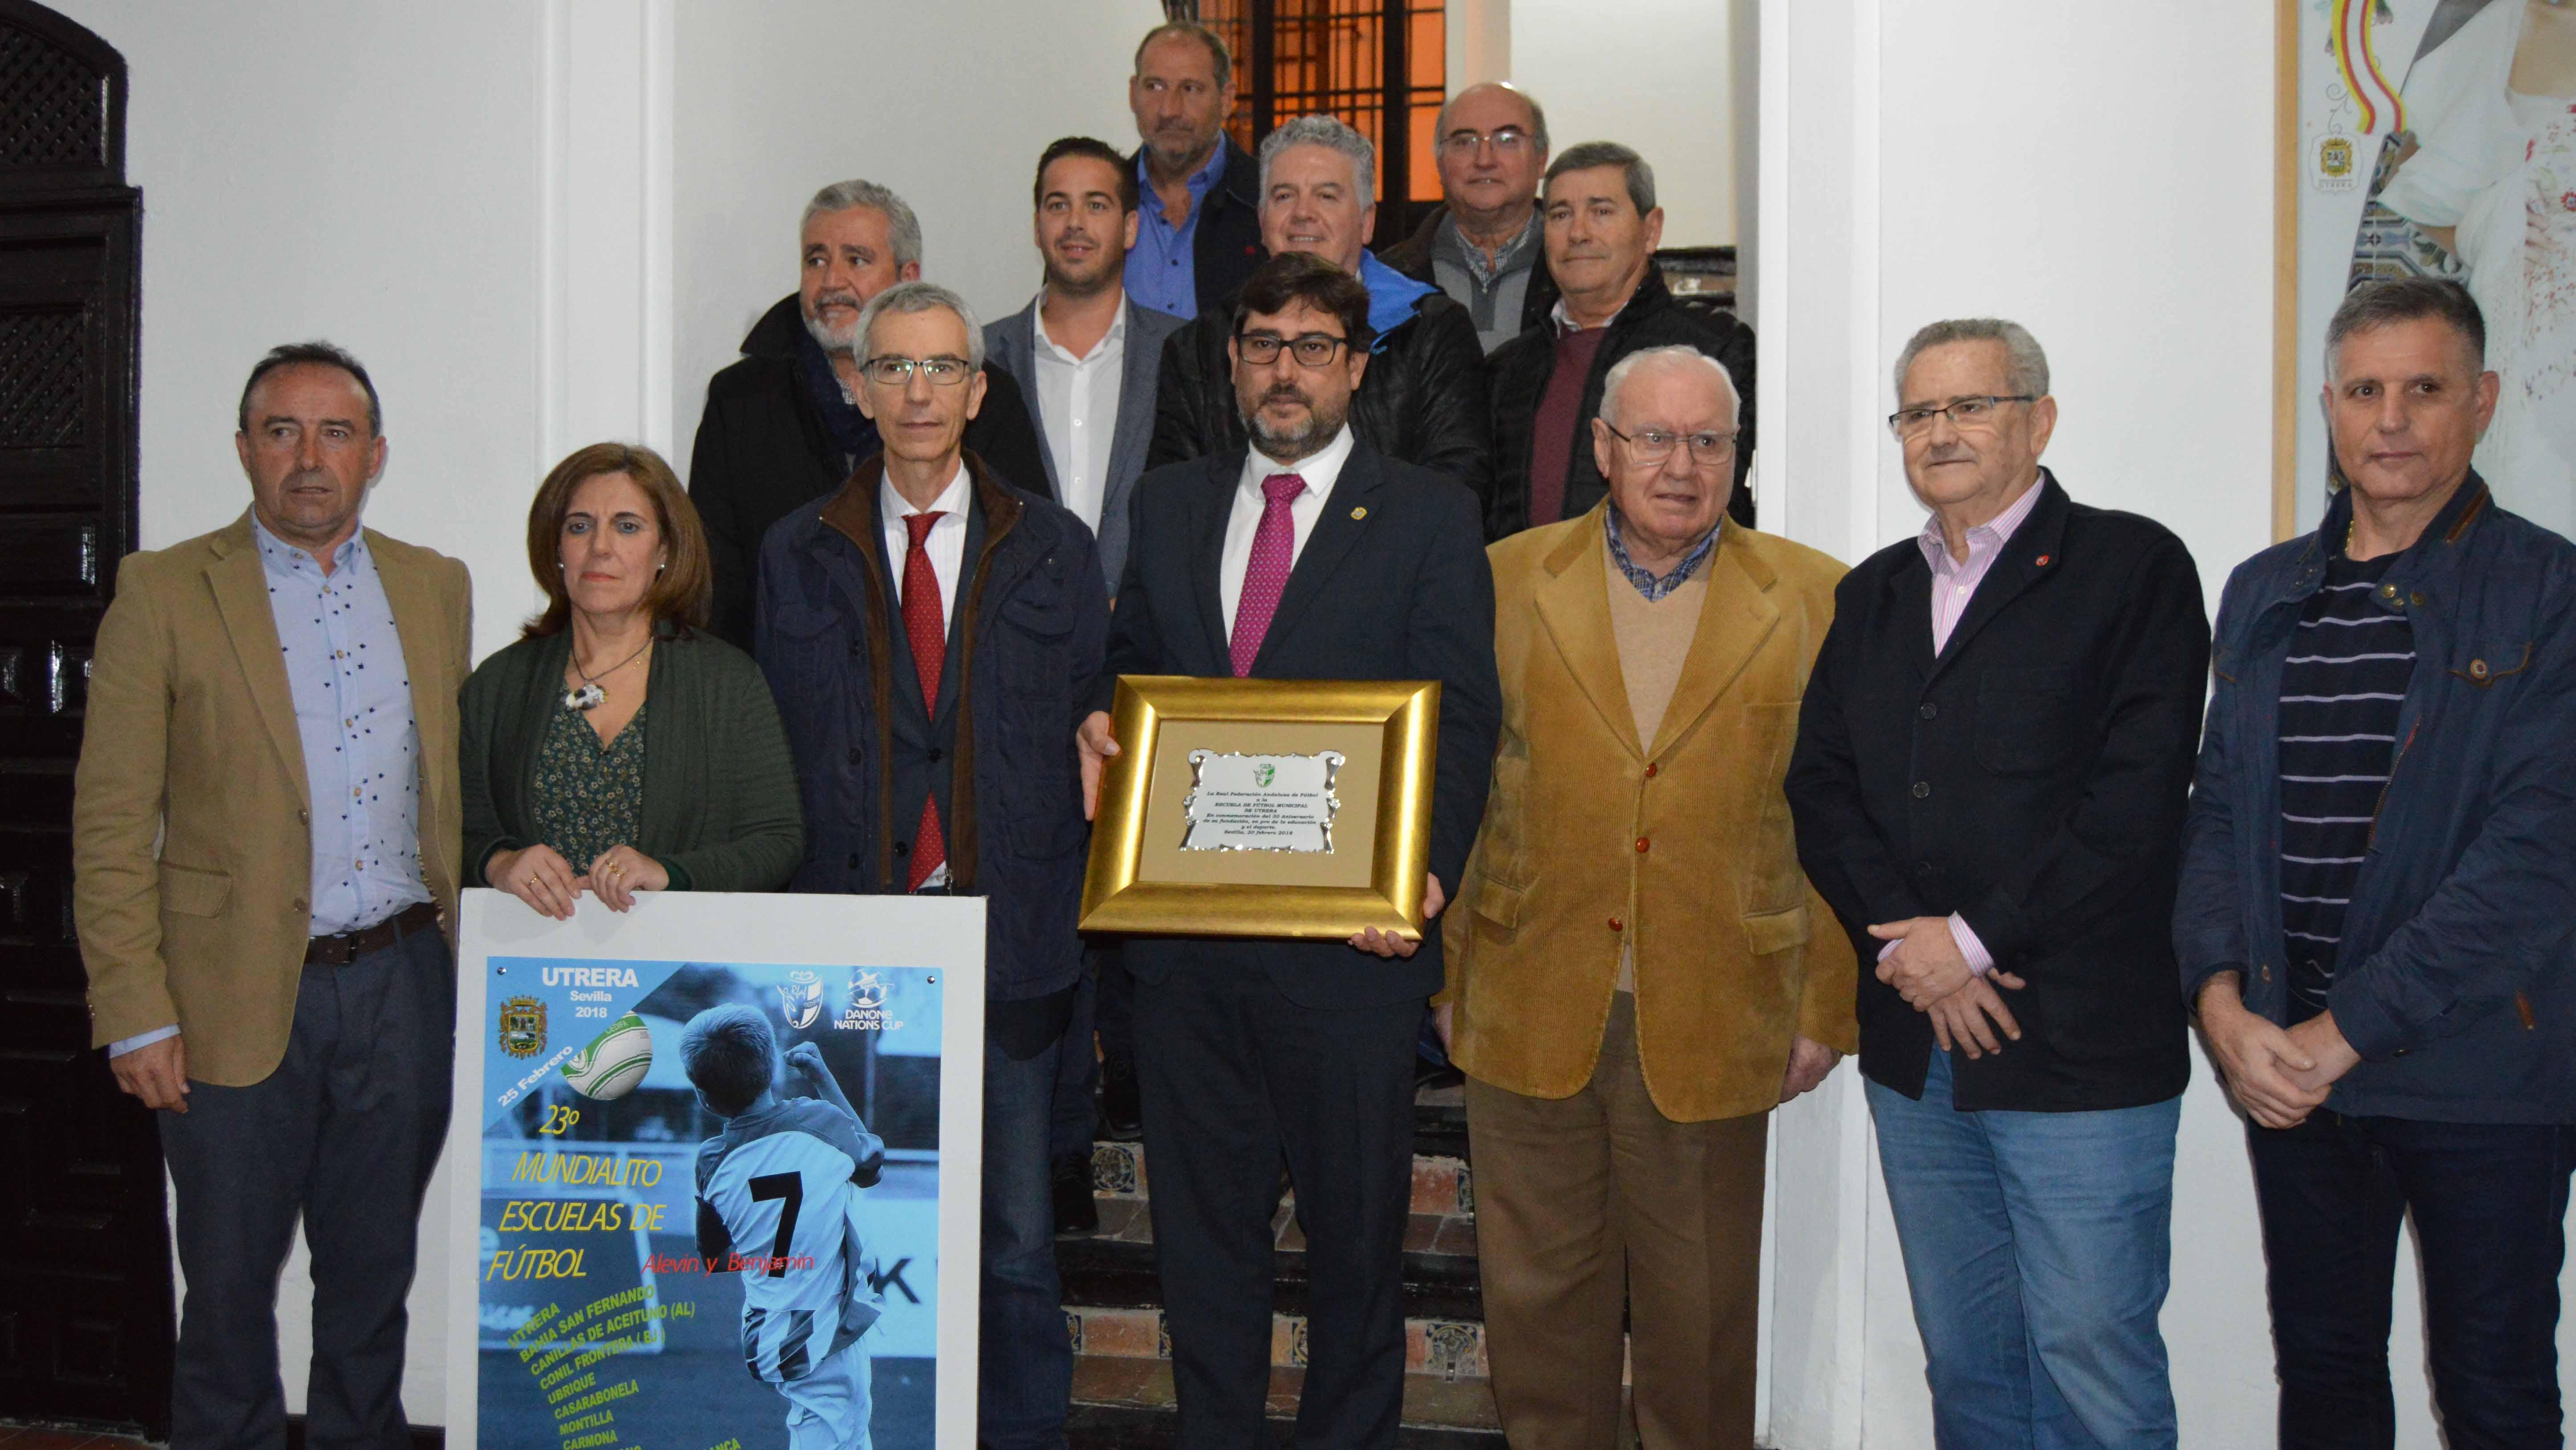 En el acto estuvieron los tres alcaldes que Utrera ha tenido en los últimos 30 años